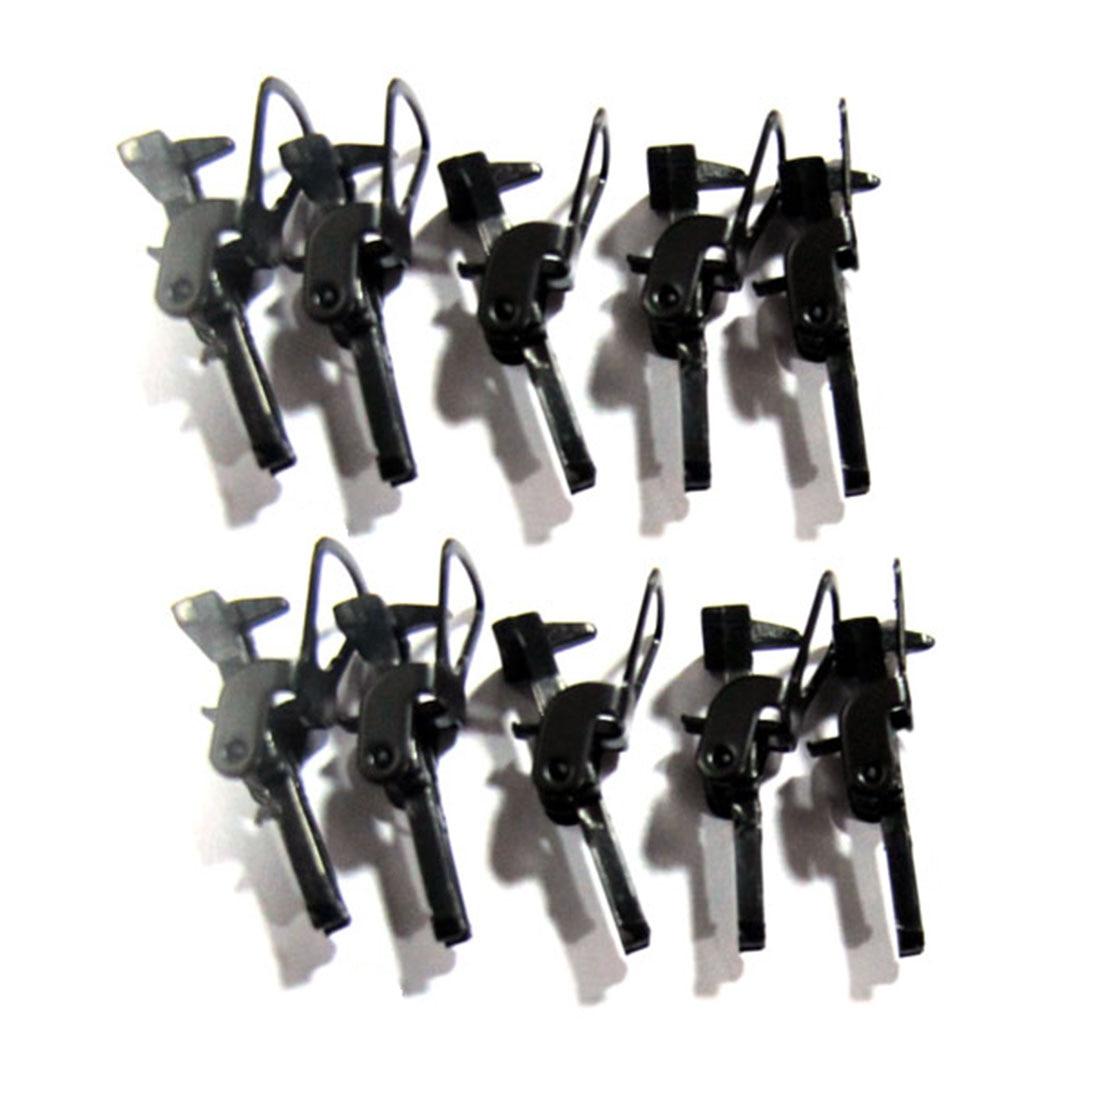 10-pieces-ensemble-1-87-ho-echelle-train-coupleur-crochets-sable-table-decoration-pour-maquettes-kits-noir